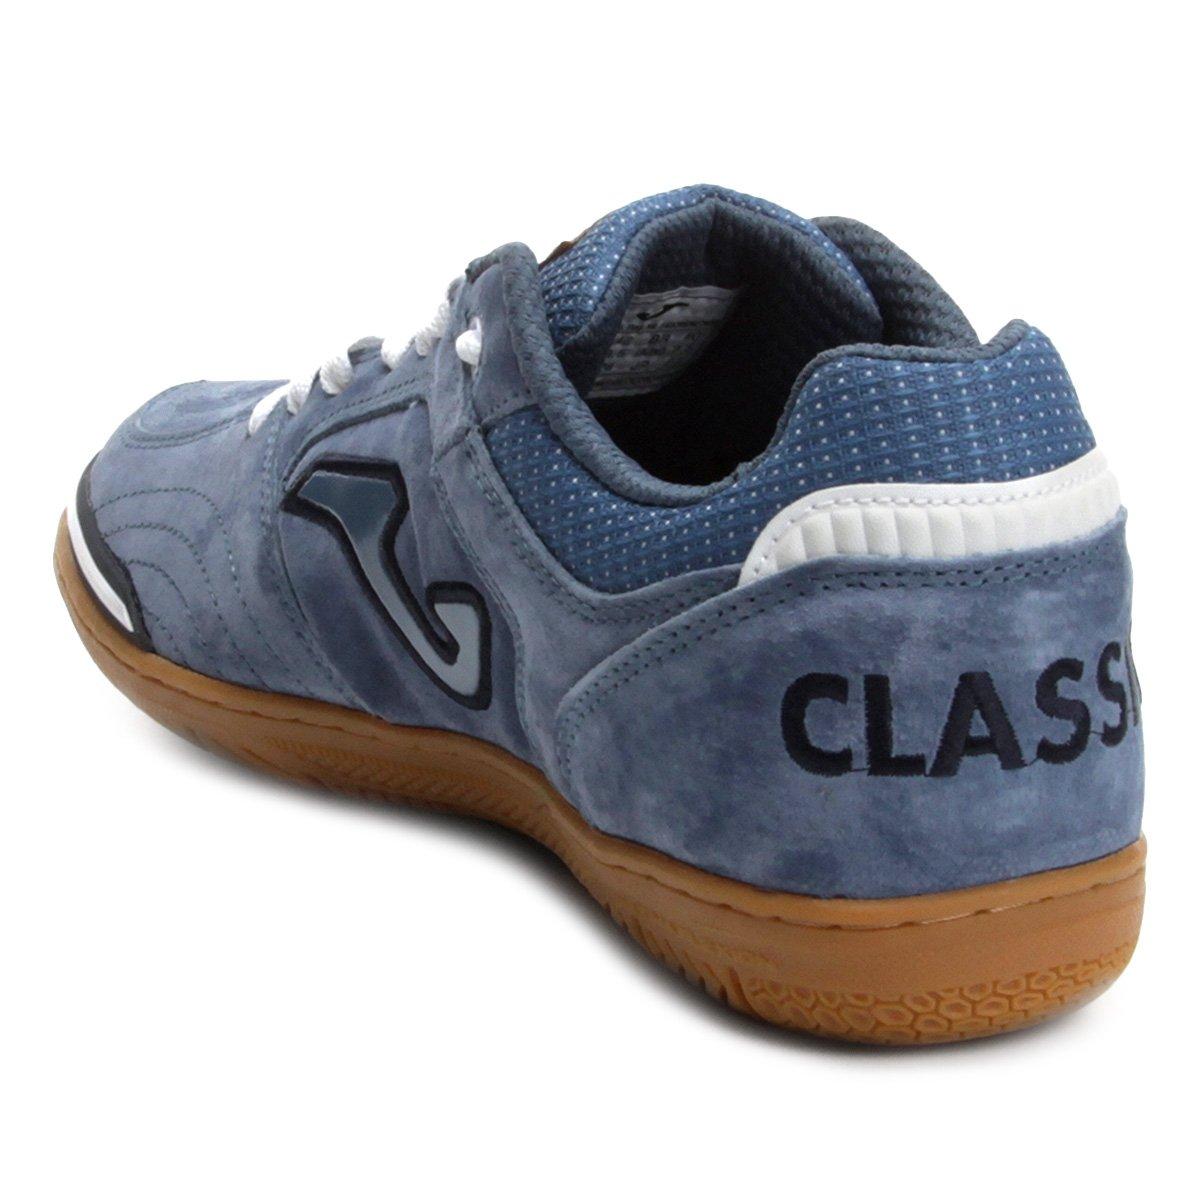 Chuteira Futsal Joma Classic Nobuck IN - Azul - Compre Agora  7c9d8e54d149f